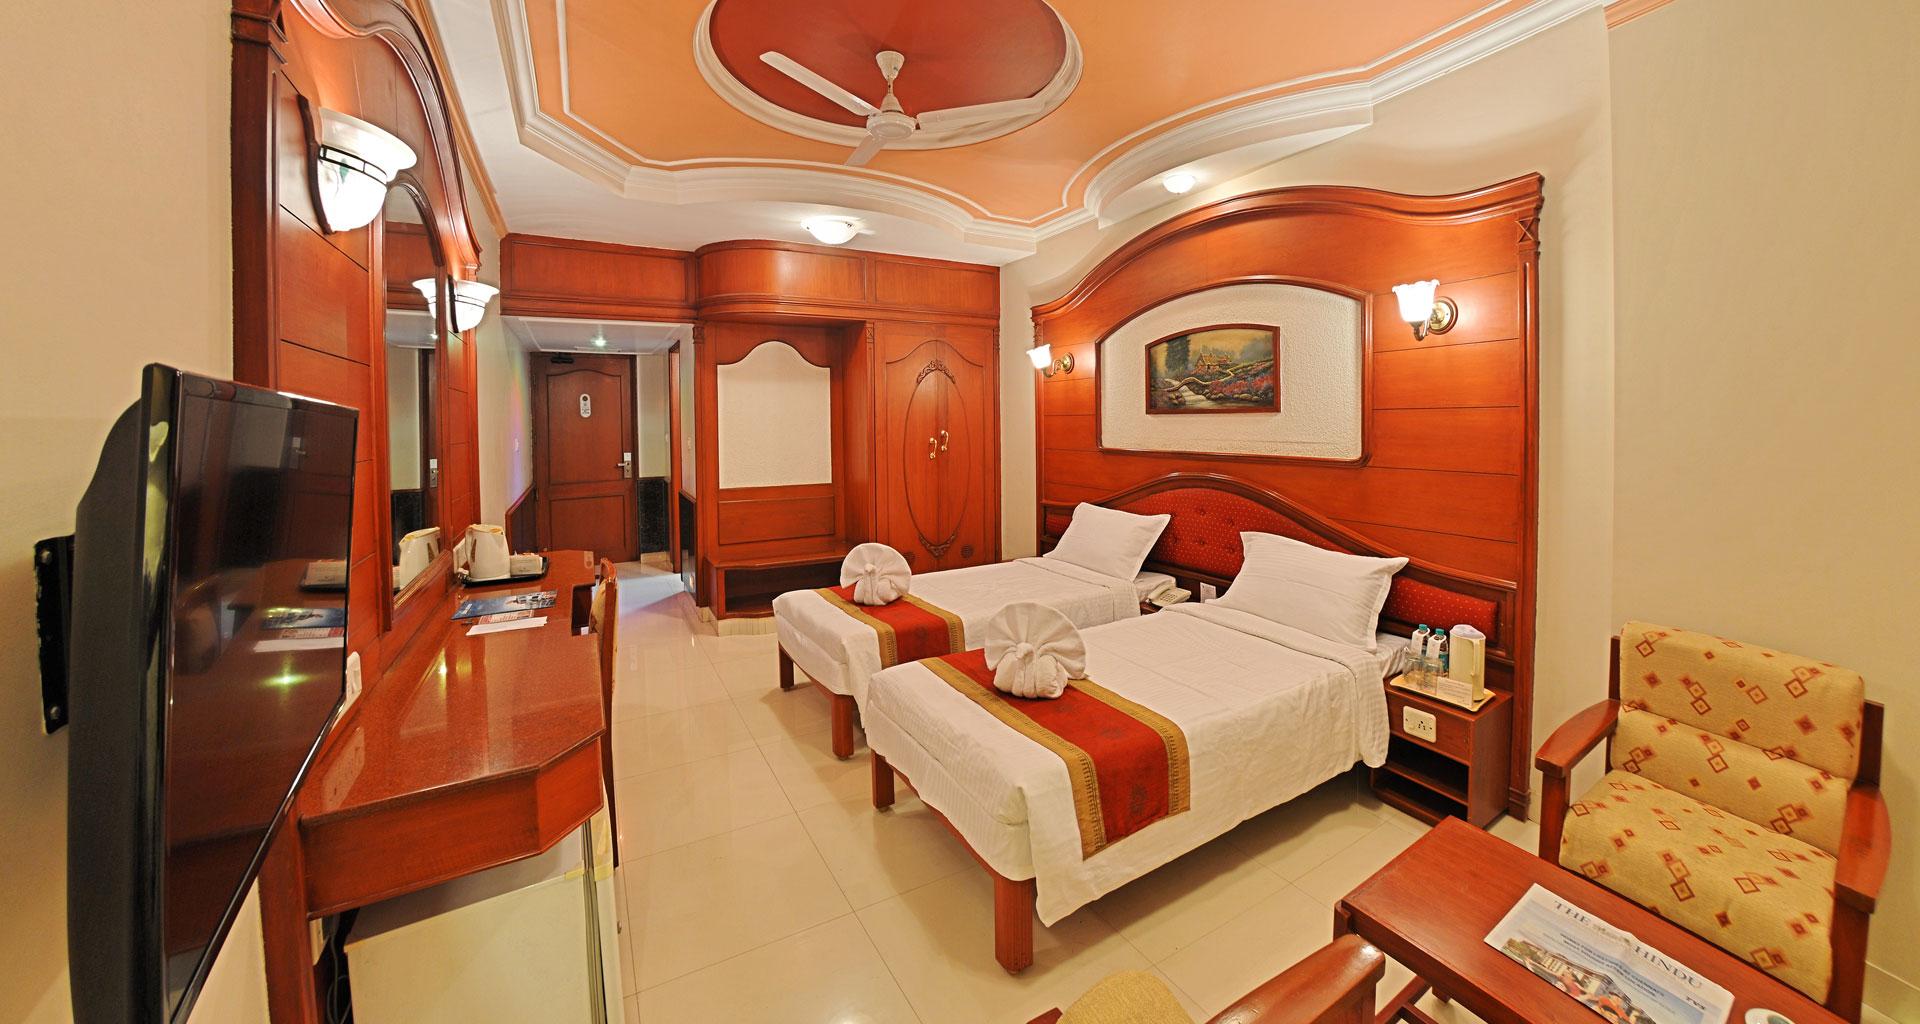 Hotel Gnanam Thanjavur